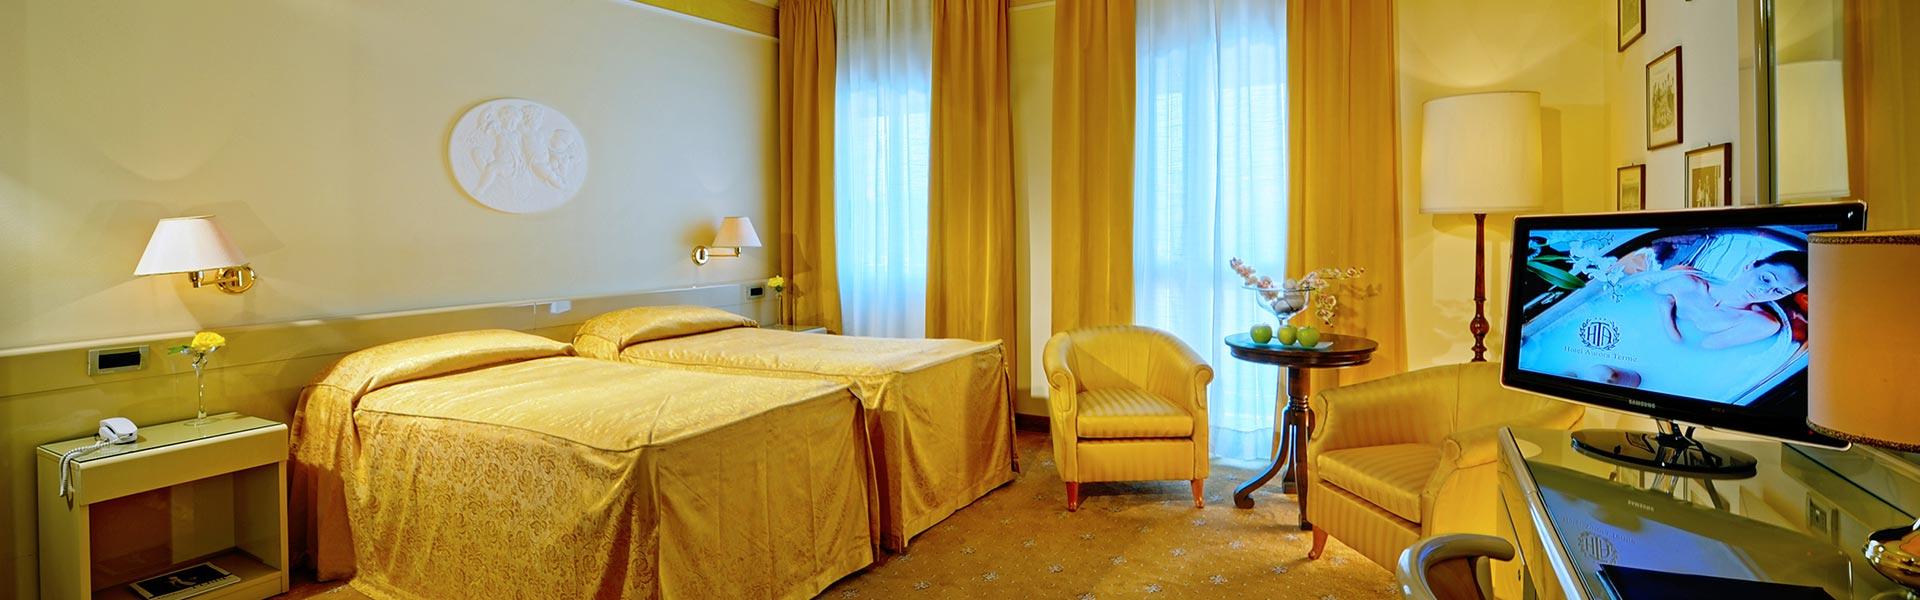 Camera Elegant, soggiorno di classe ad Abano Terme – Hotel Aurora Terme